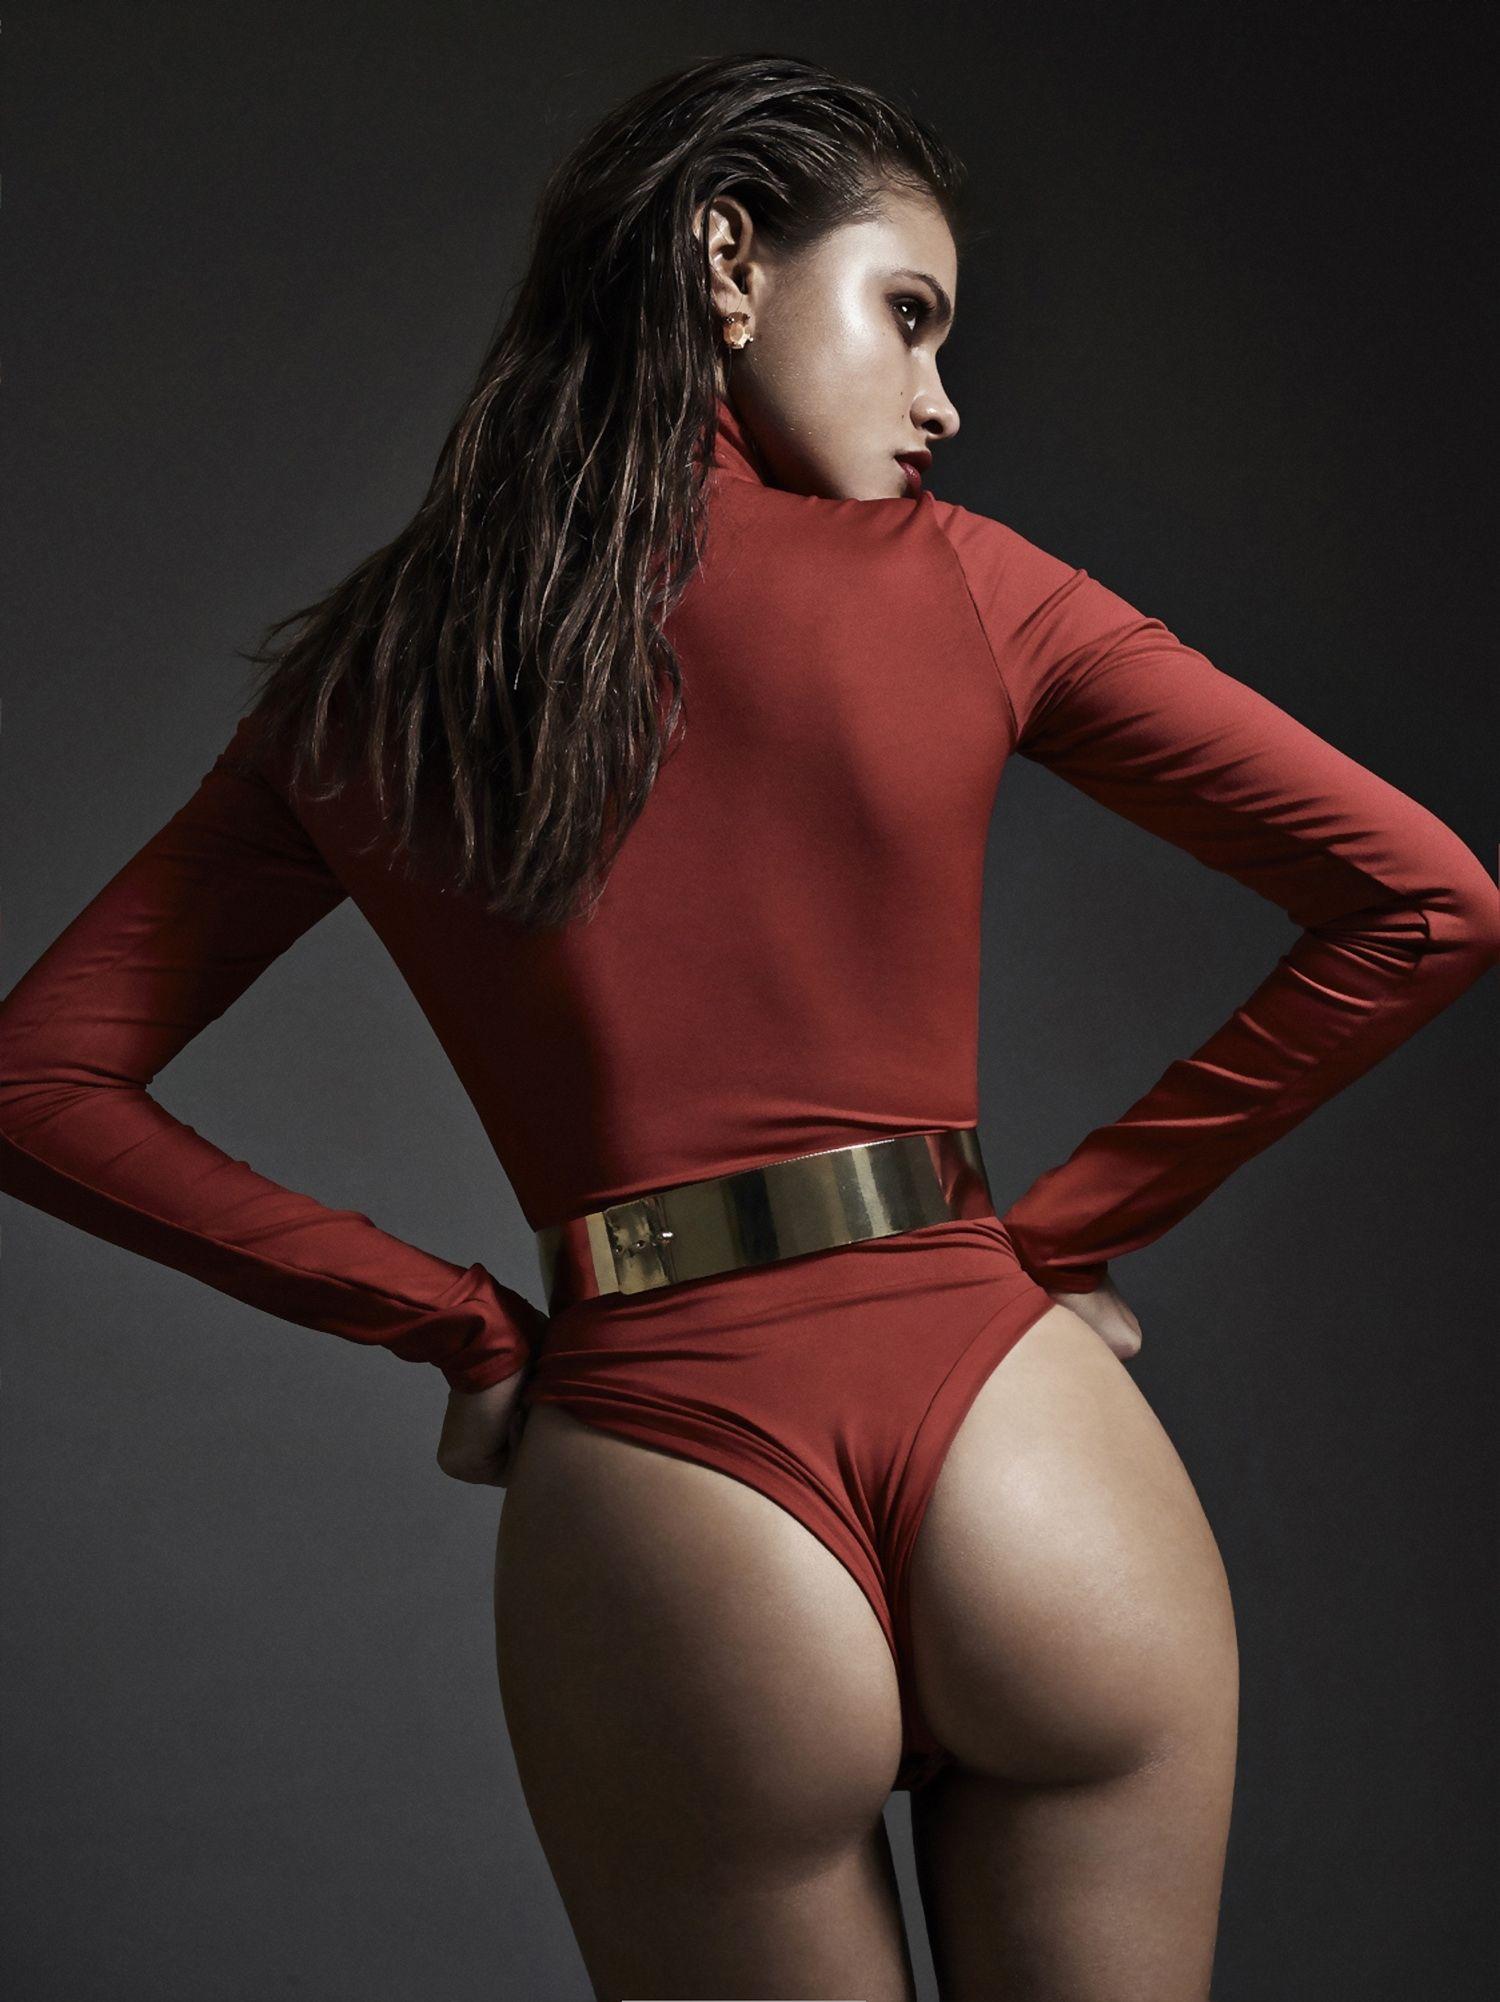 Yara-Khmidan-Sexy-18